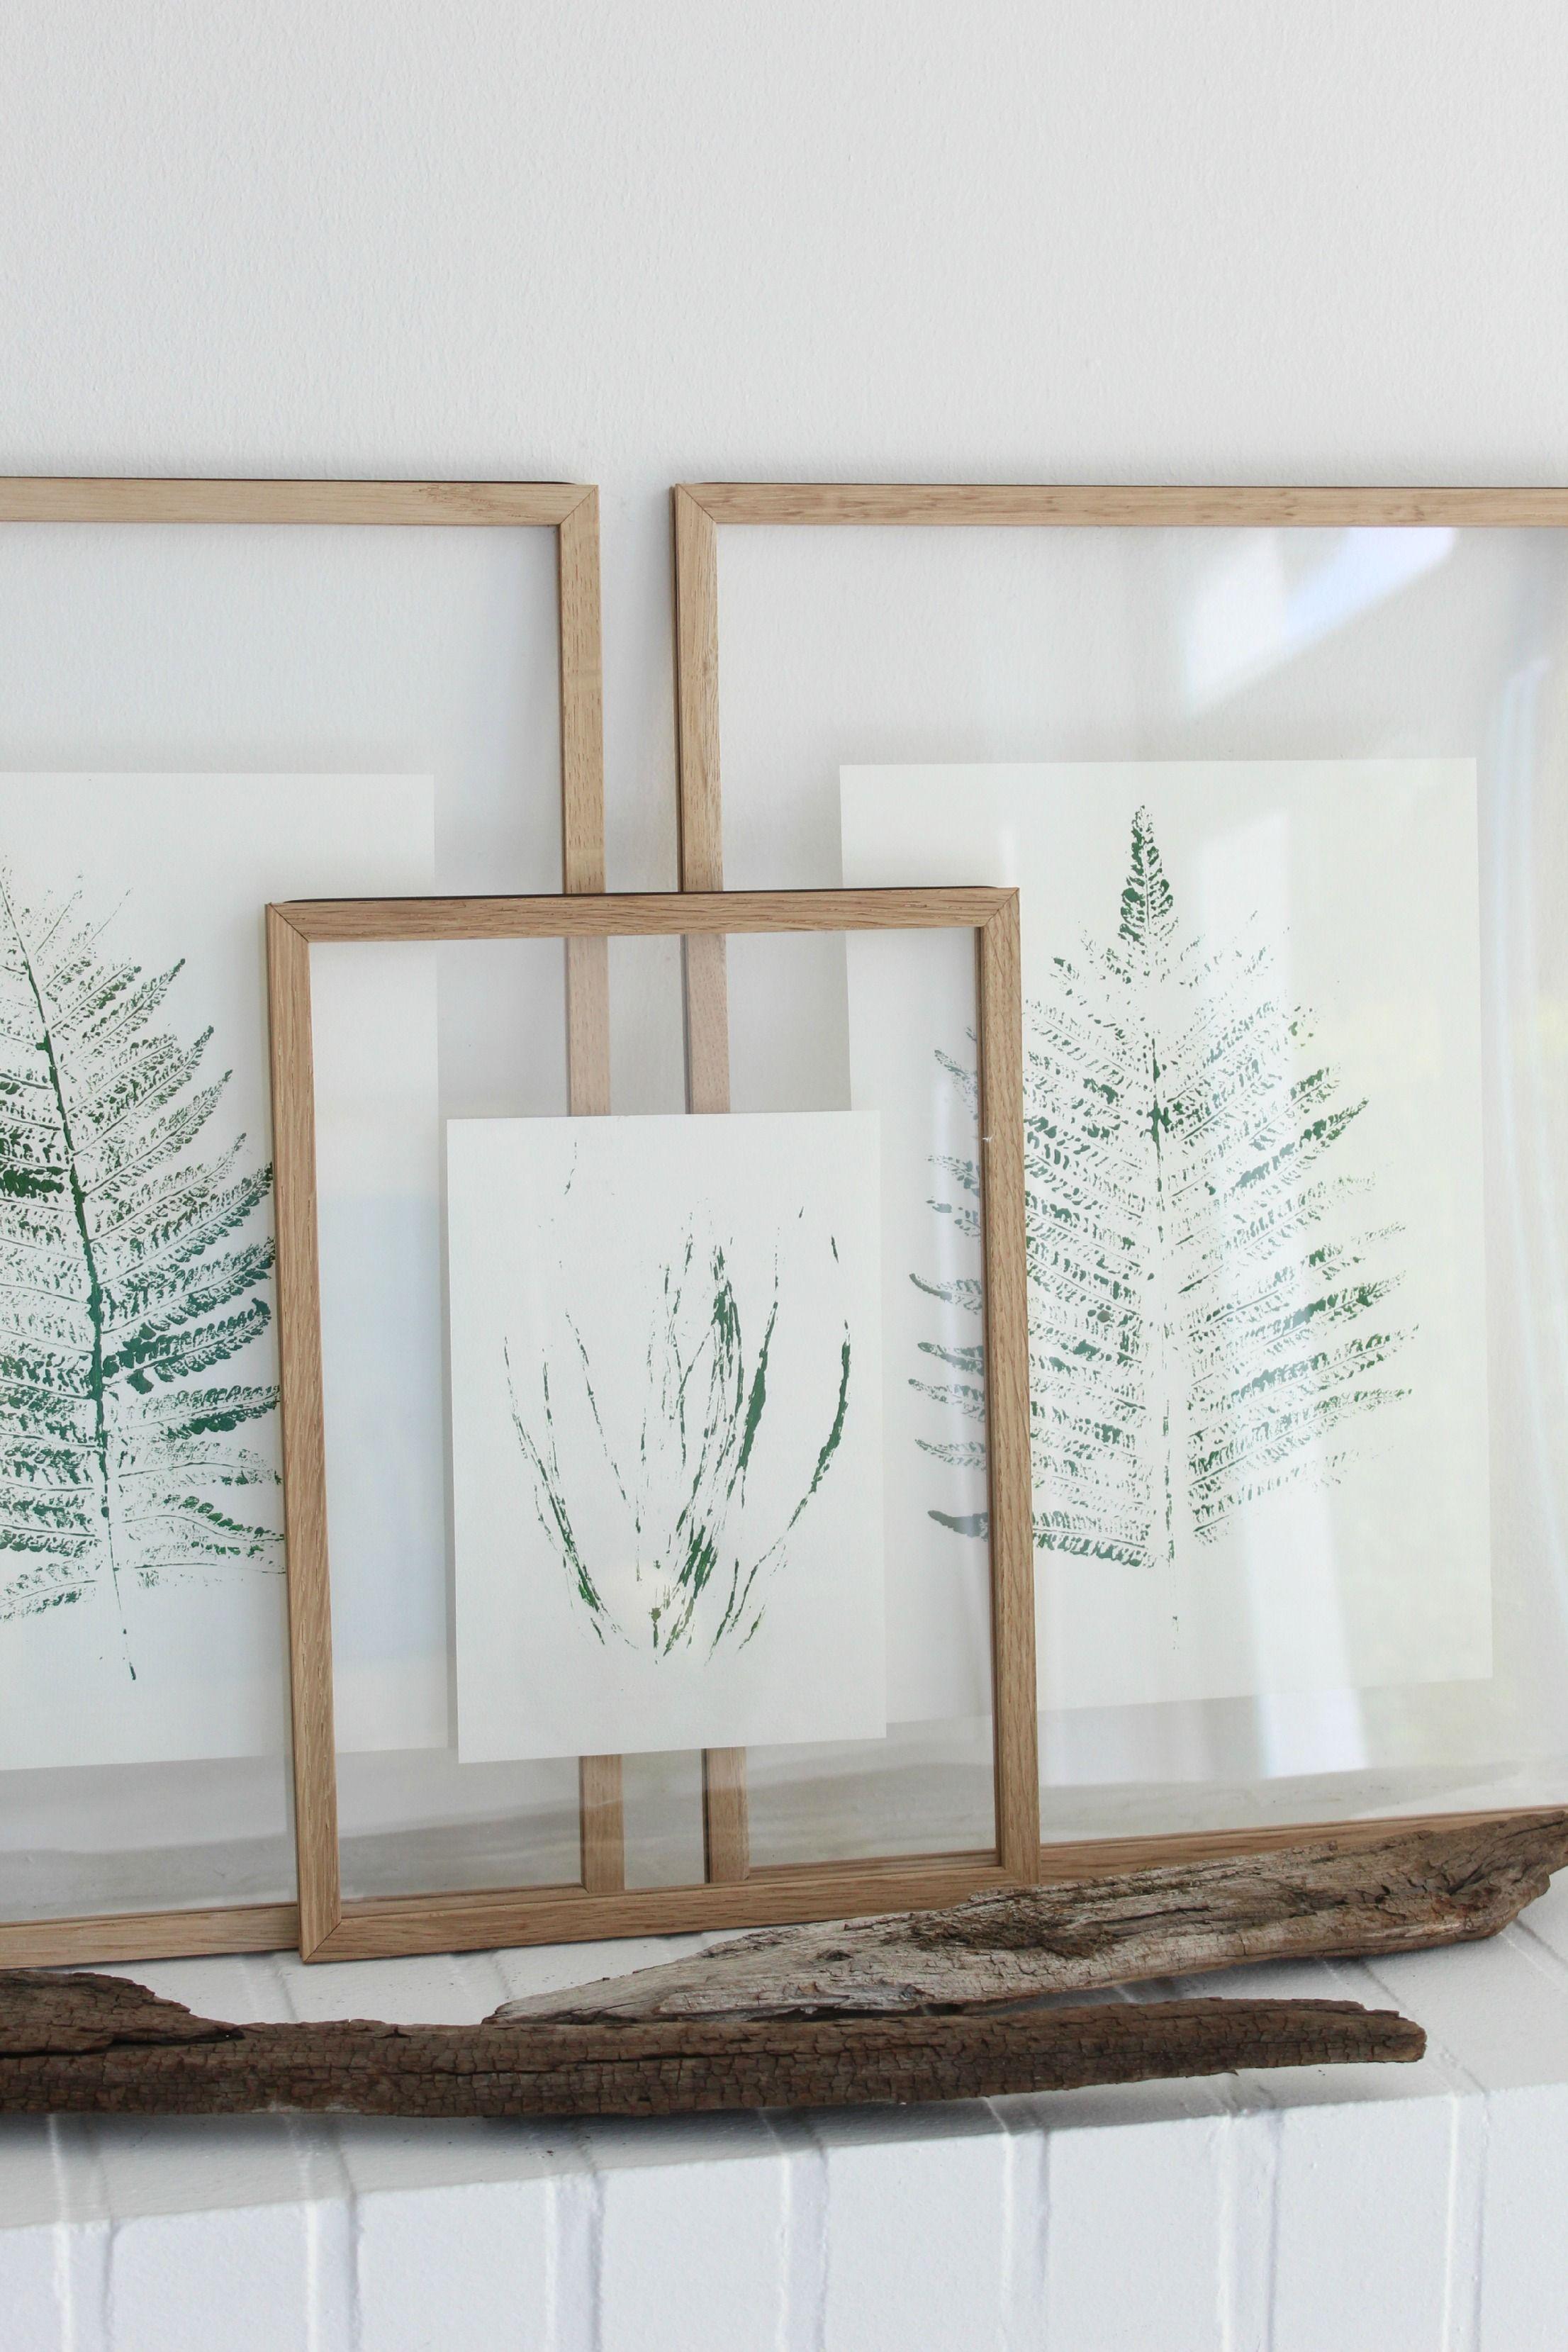 Wohnzimmerwandrahmen pflanzendrucke zum selbermachen und aufhängen  deko  pinterest